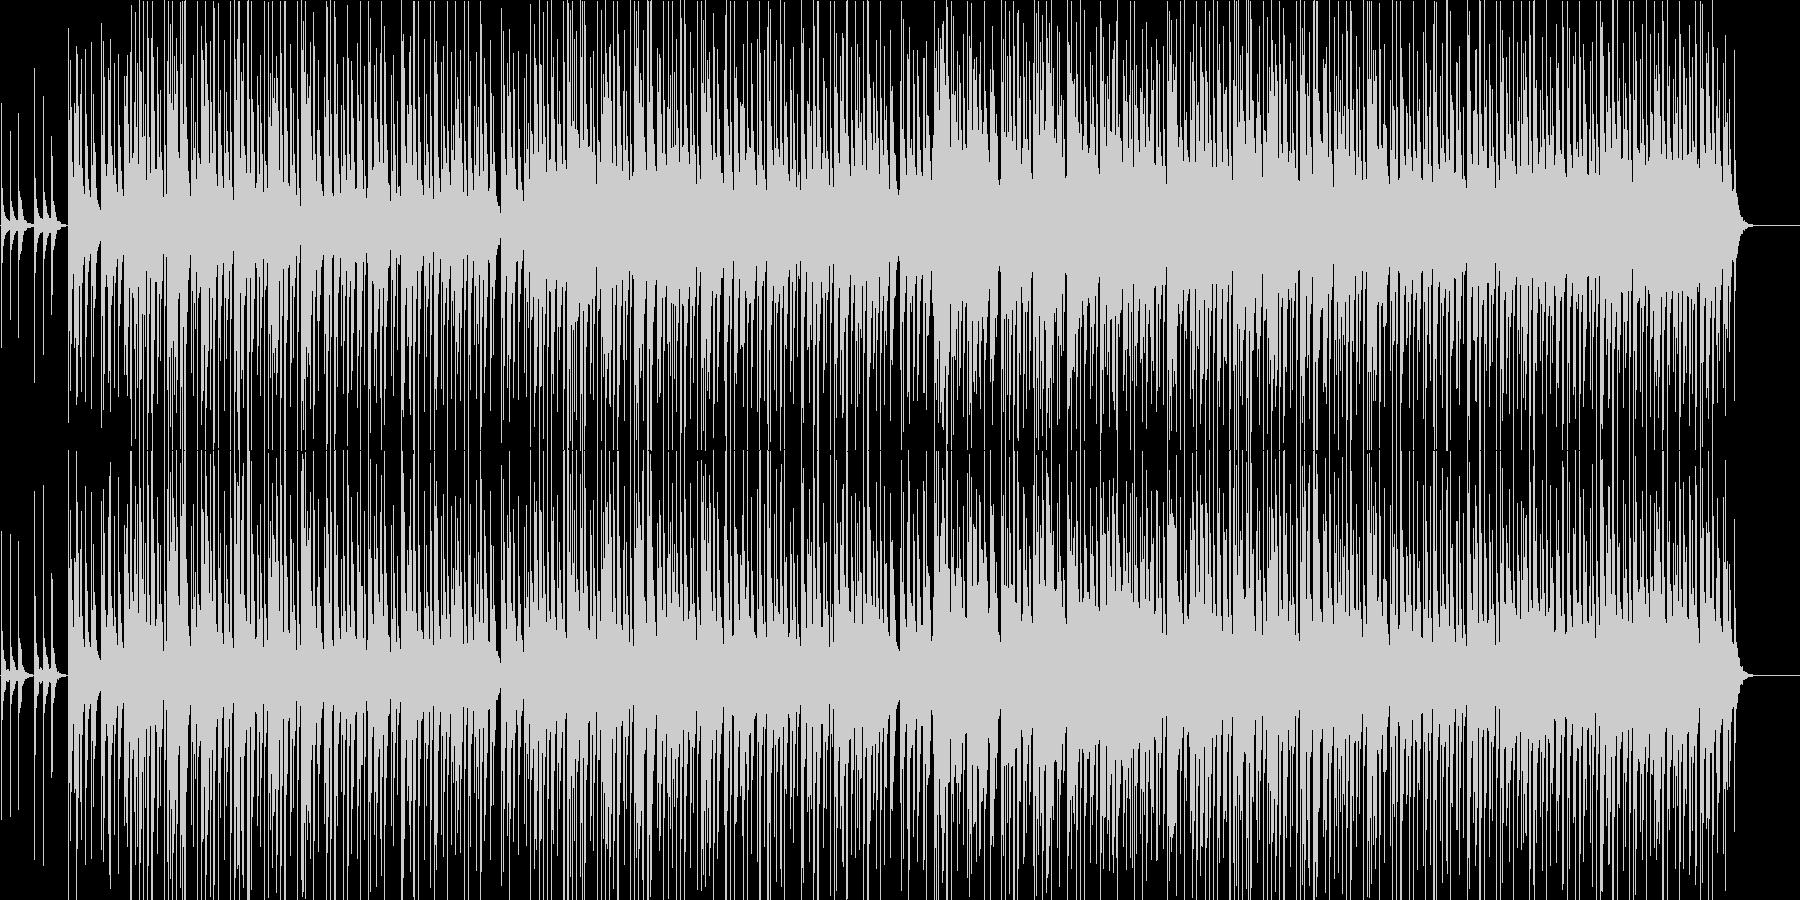 三線を使った沖縄風ほのぼのBGMの未再生の波形